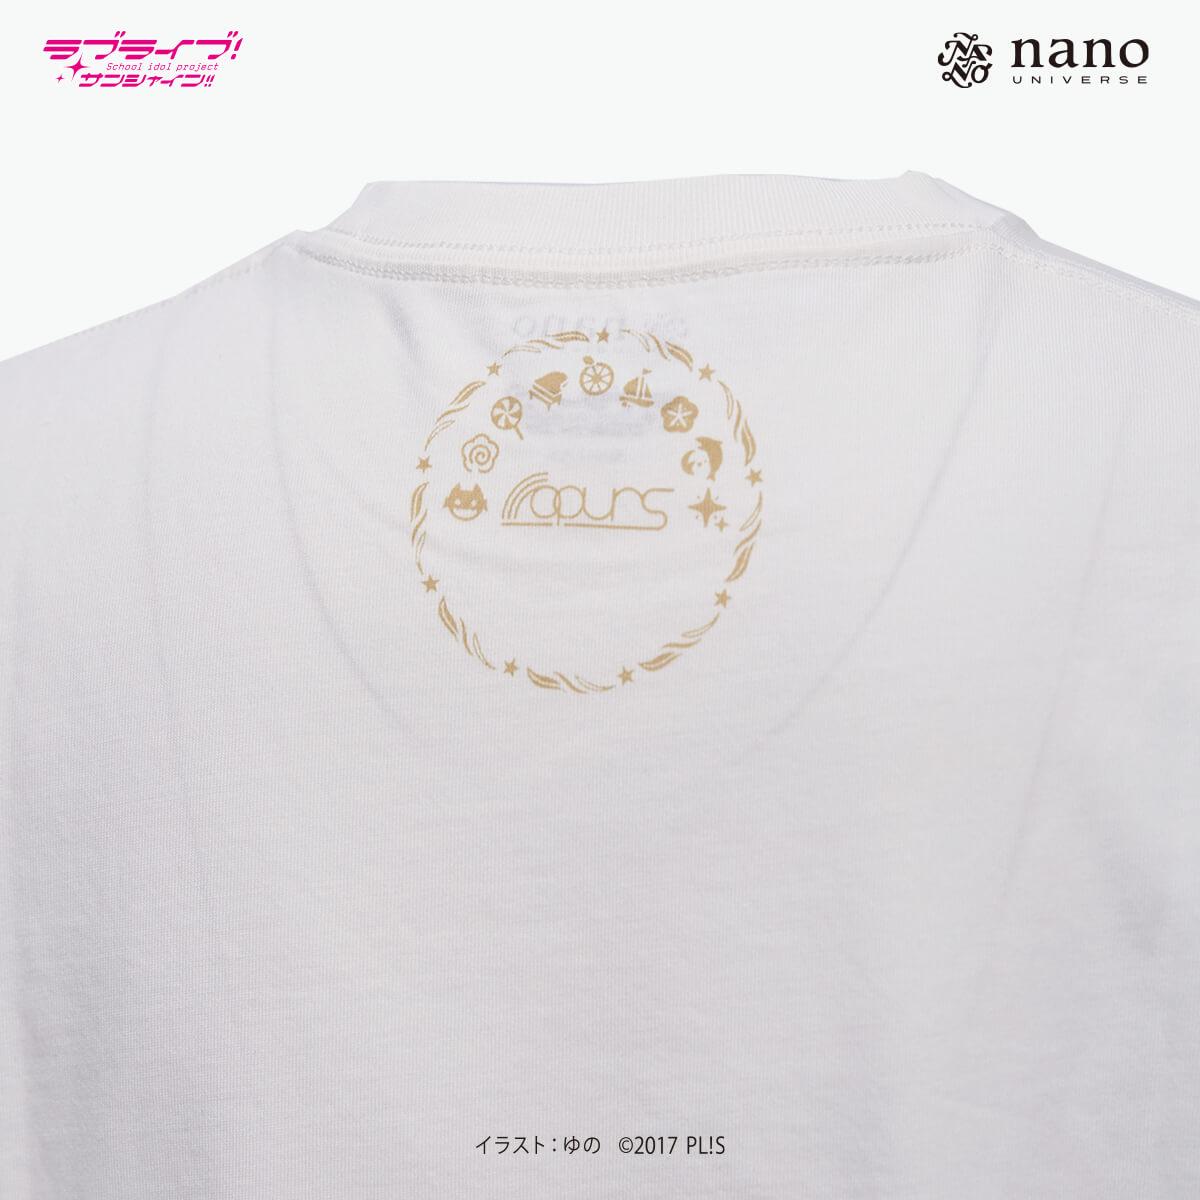 [ナノ・ユニバースコラボ] ナノ・ユニバース×ラブライブ !サンシャイン!!ナノファインTシャツ【小原鞠莉】